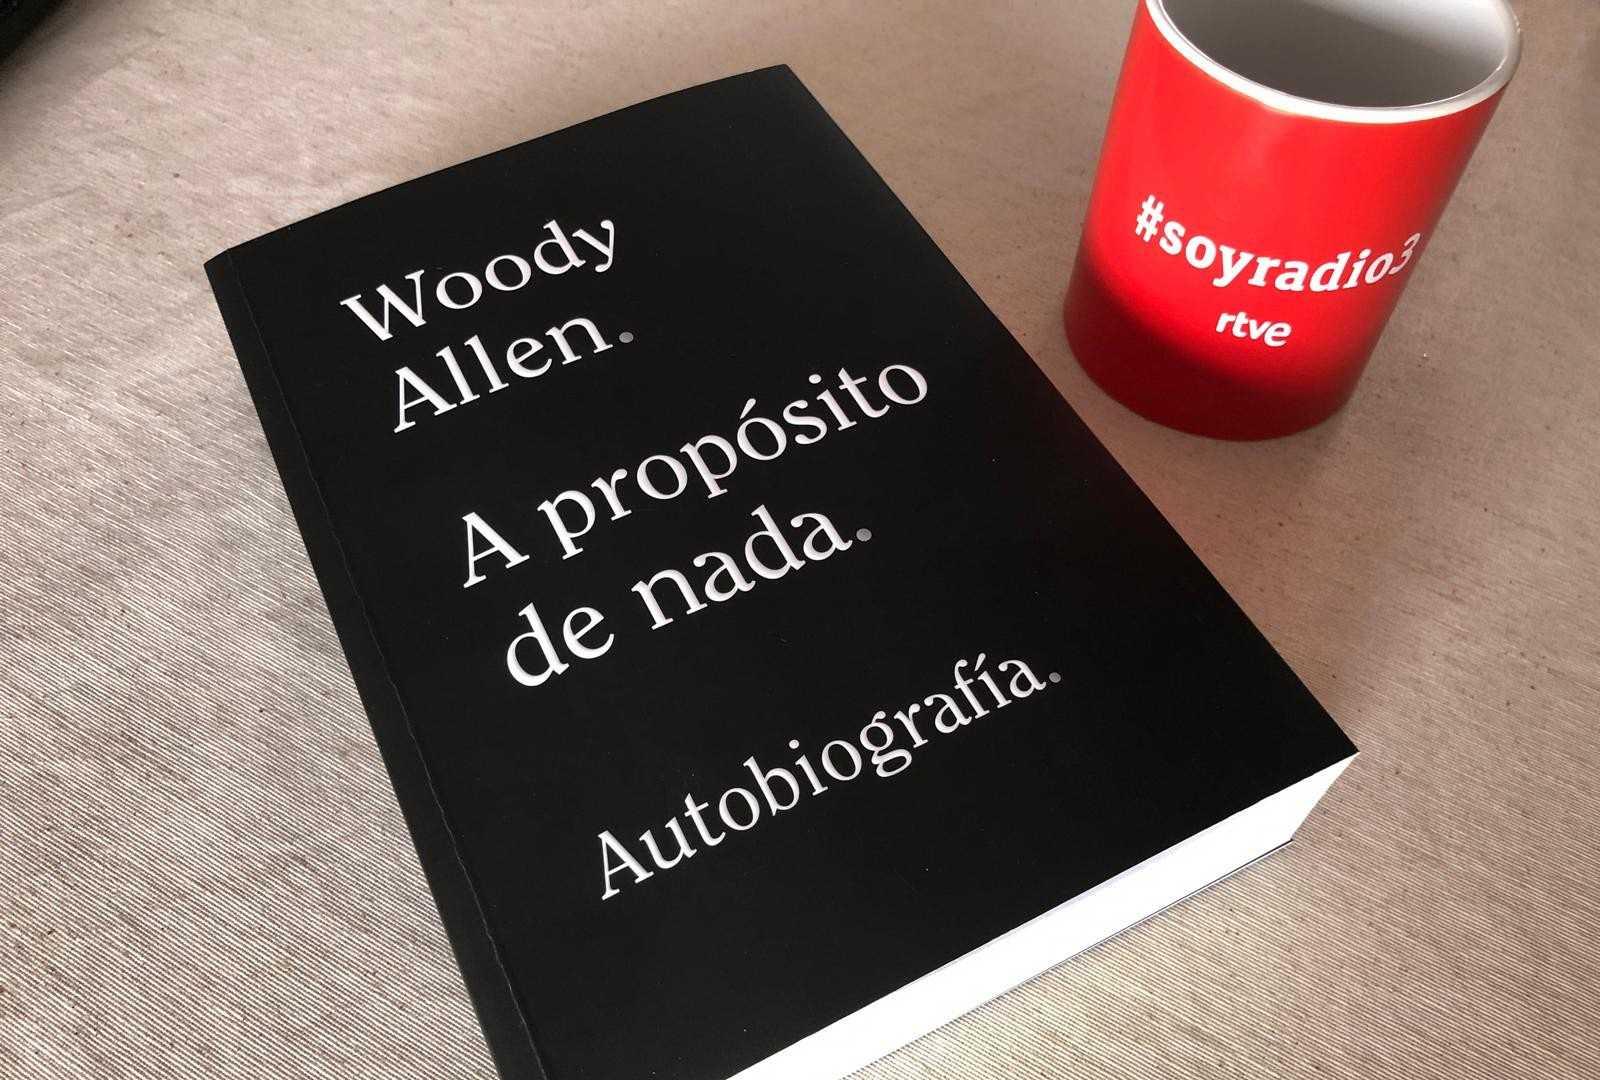 Efecto Doppler - Confinados - Cap. XXX - Woody Allen. A propósito de nada - 20/05/20 - escuchar ahora